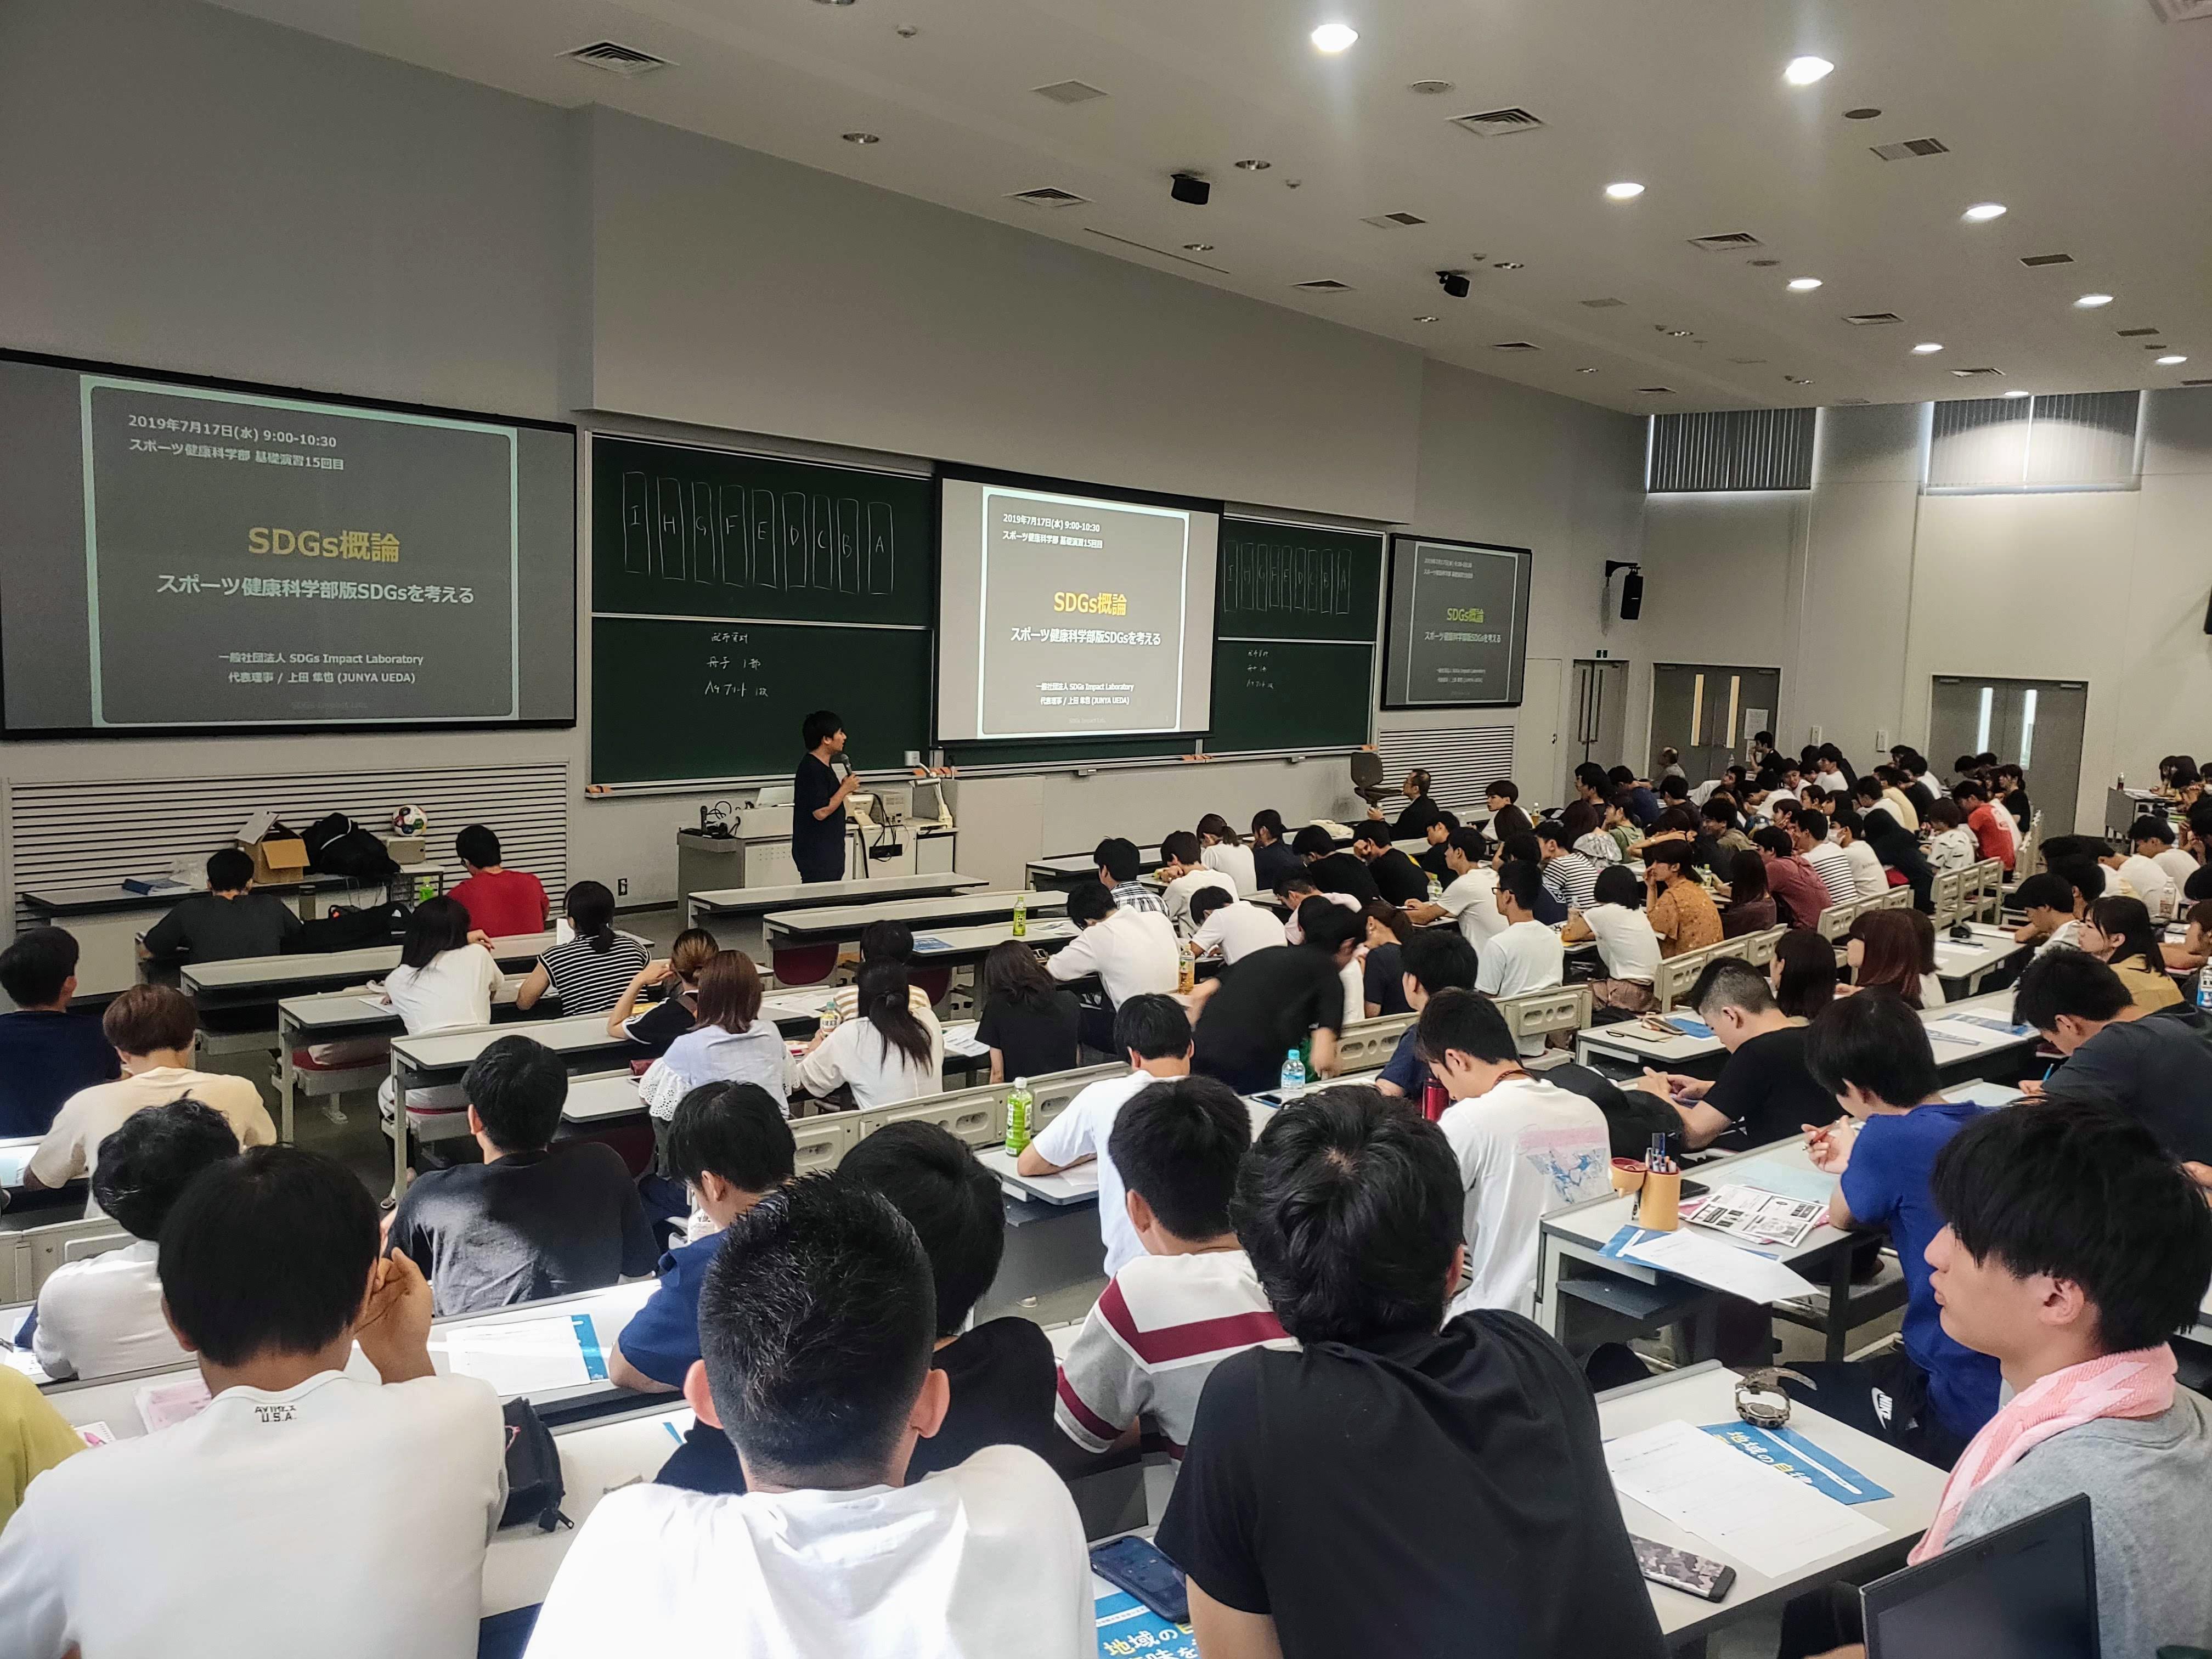 立命館大学 スポーツ健康科学部「基礎演習1」にて、代表 上田が講演しました。